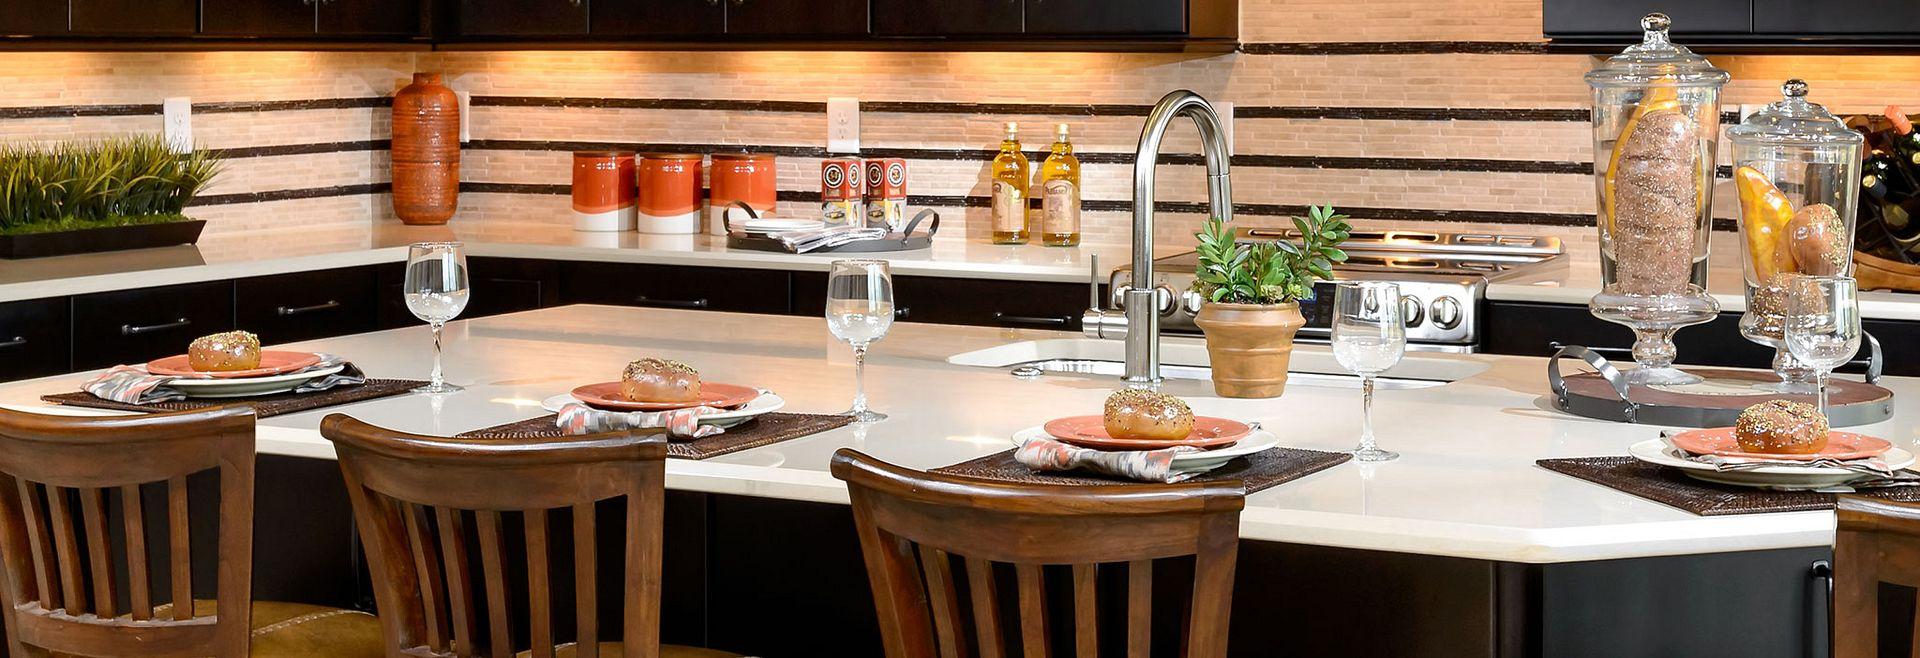 Trilogy Lake Norman Refresh Model Kitchen